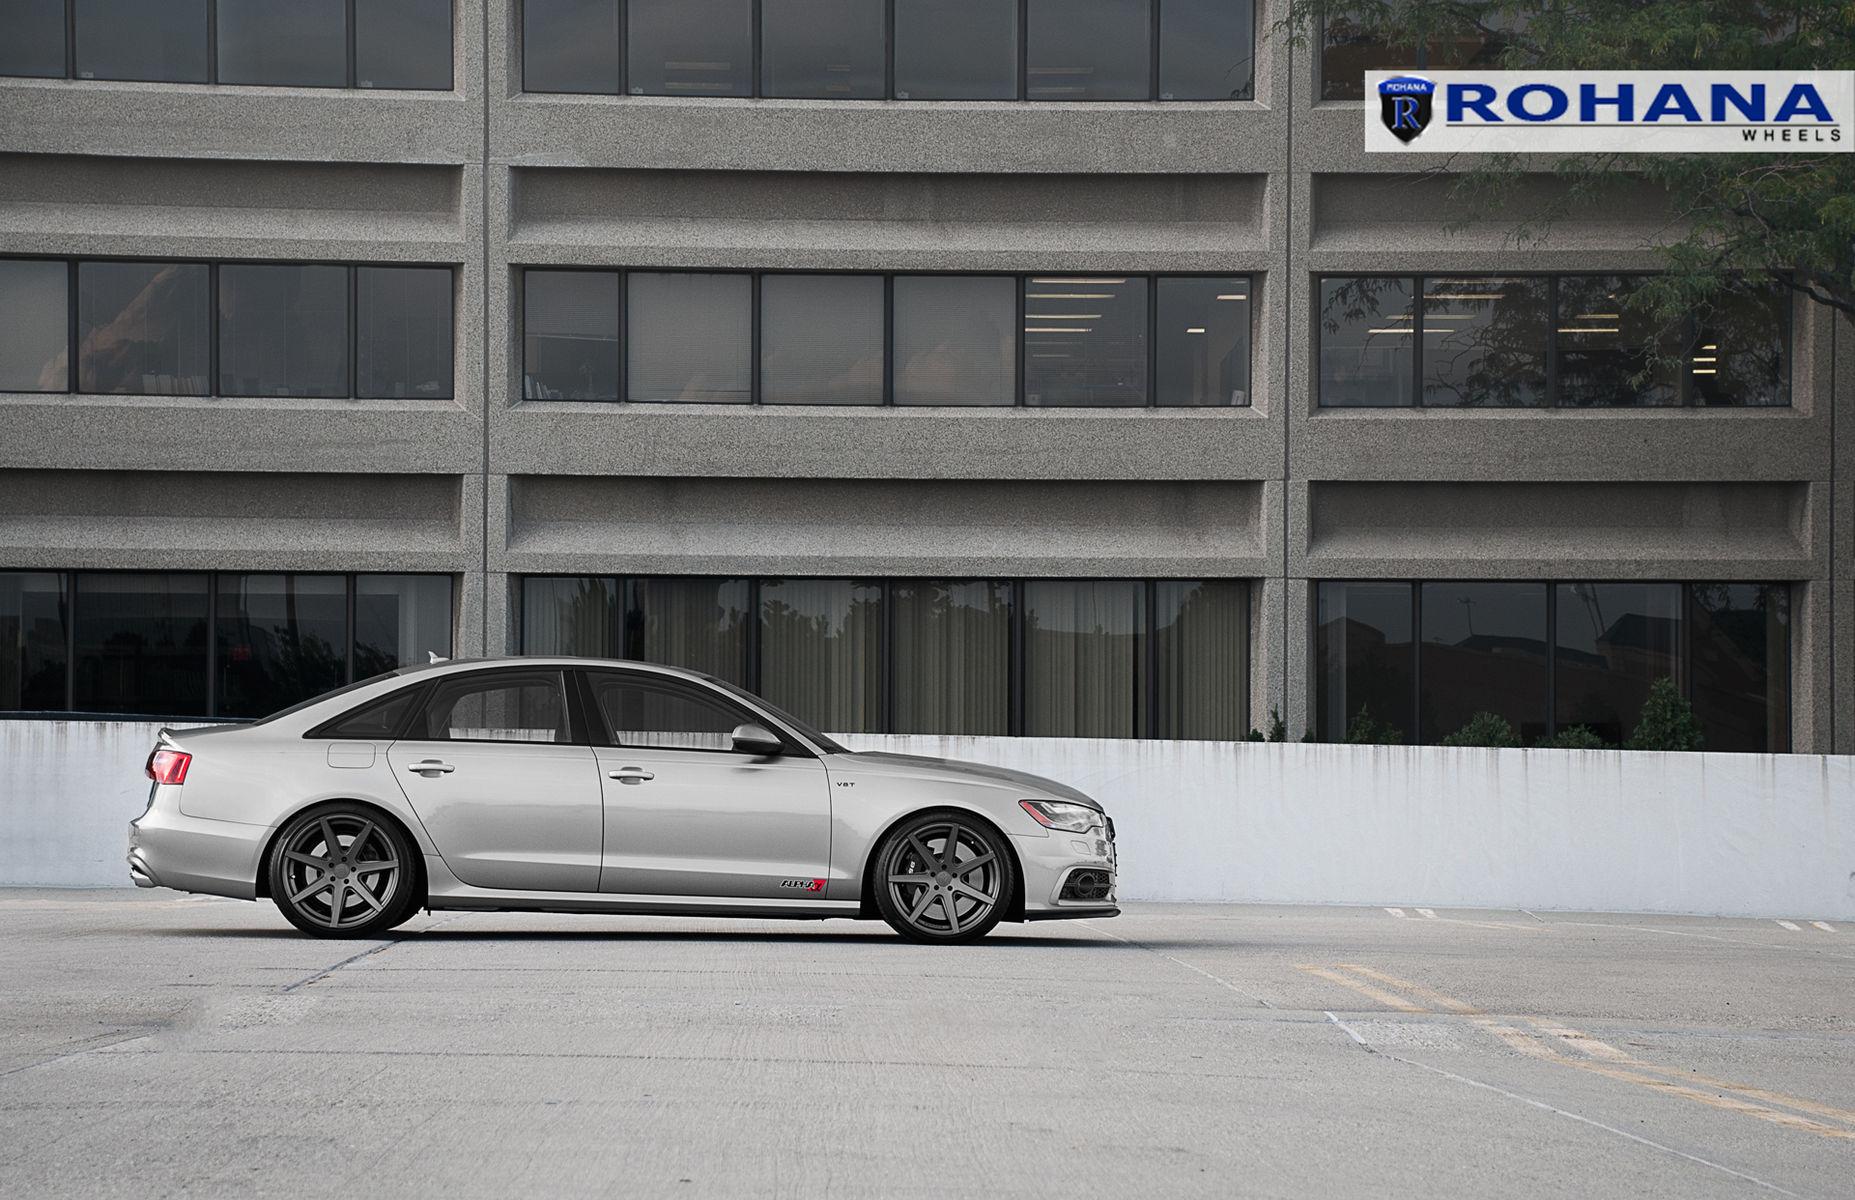 2013 Audi S6 | Audi s6 Alpha